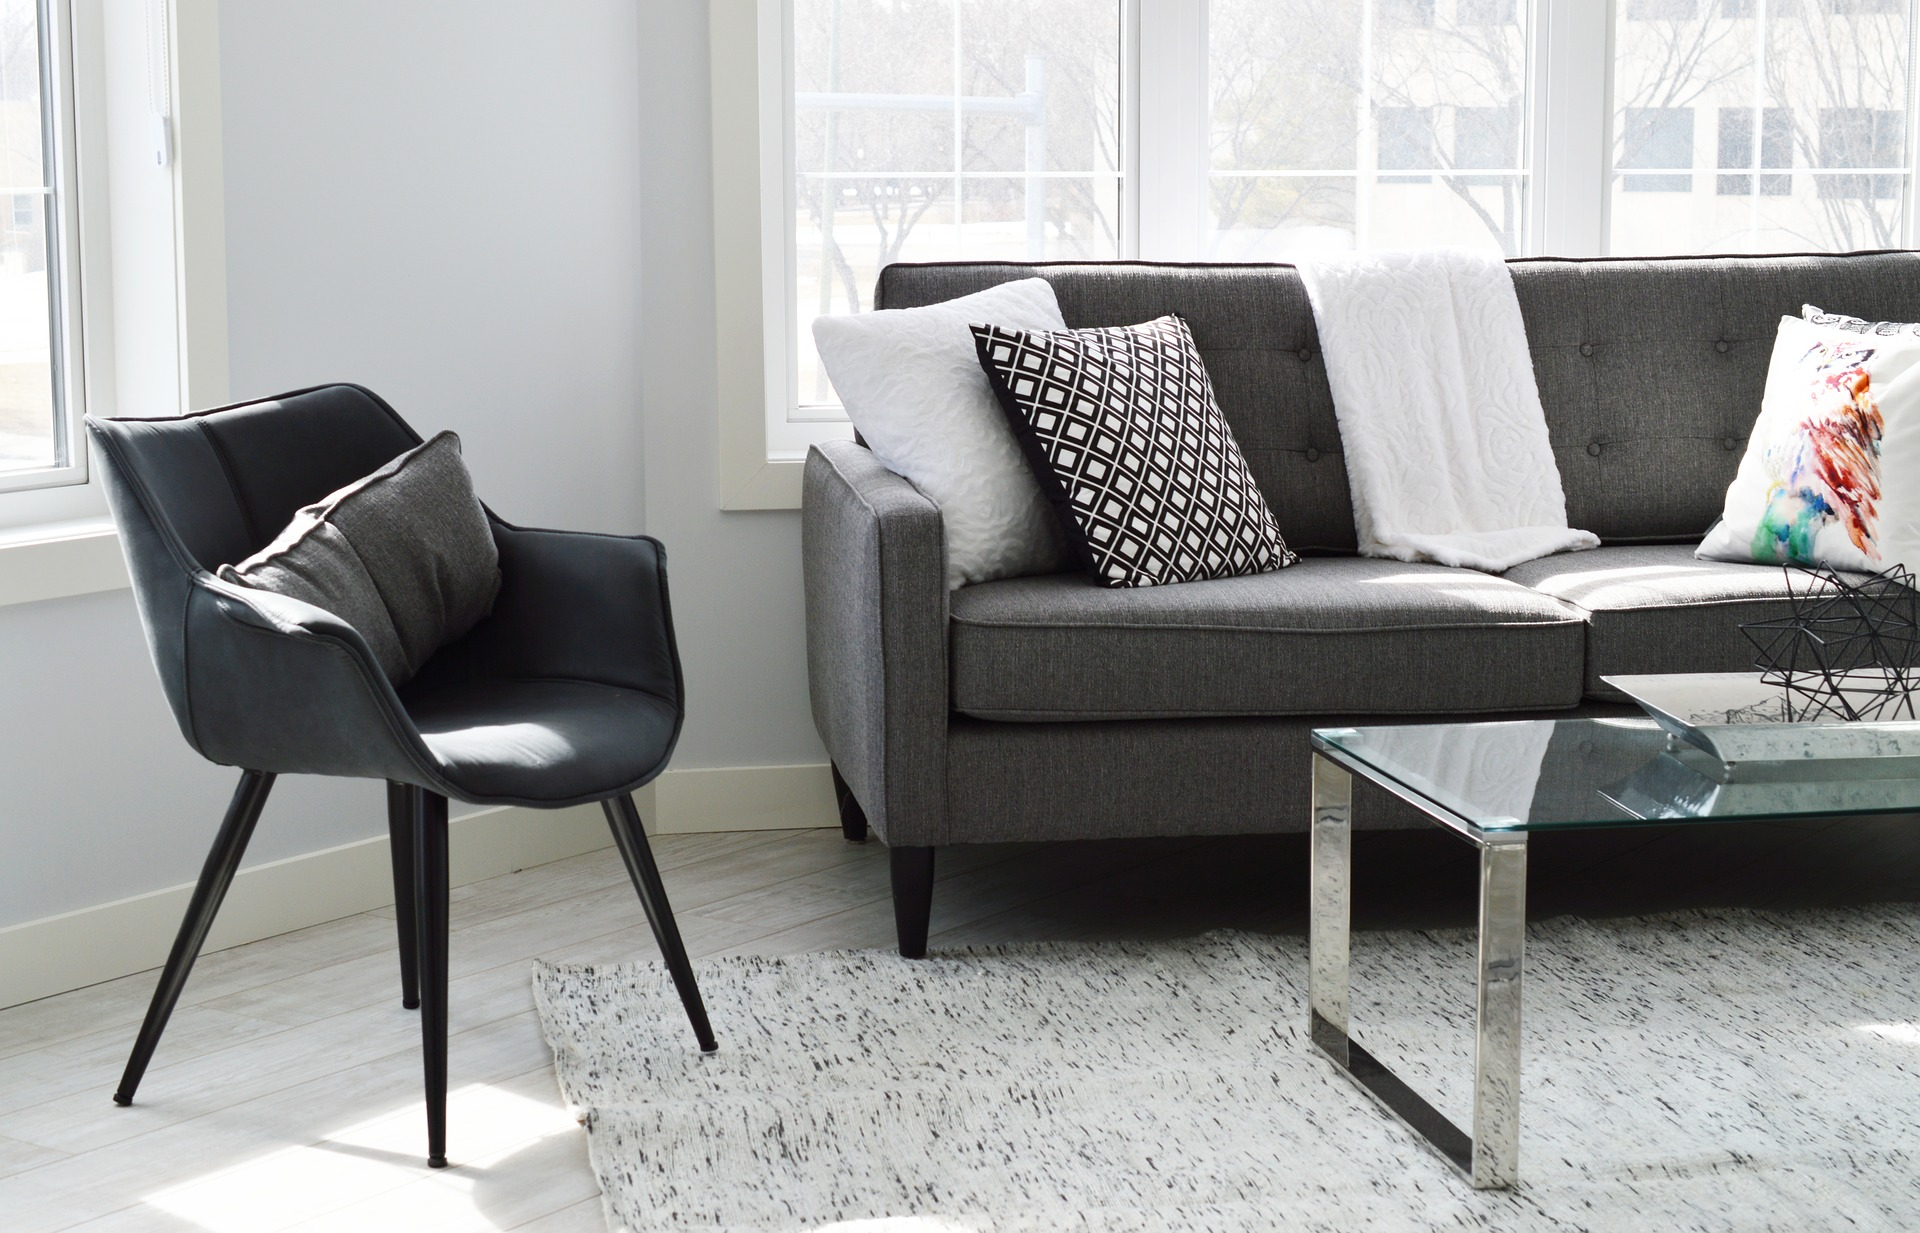 Elegant looking living room